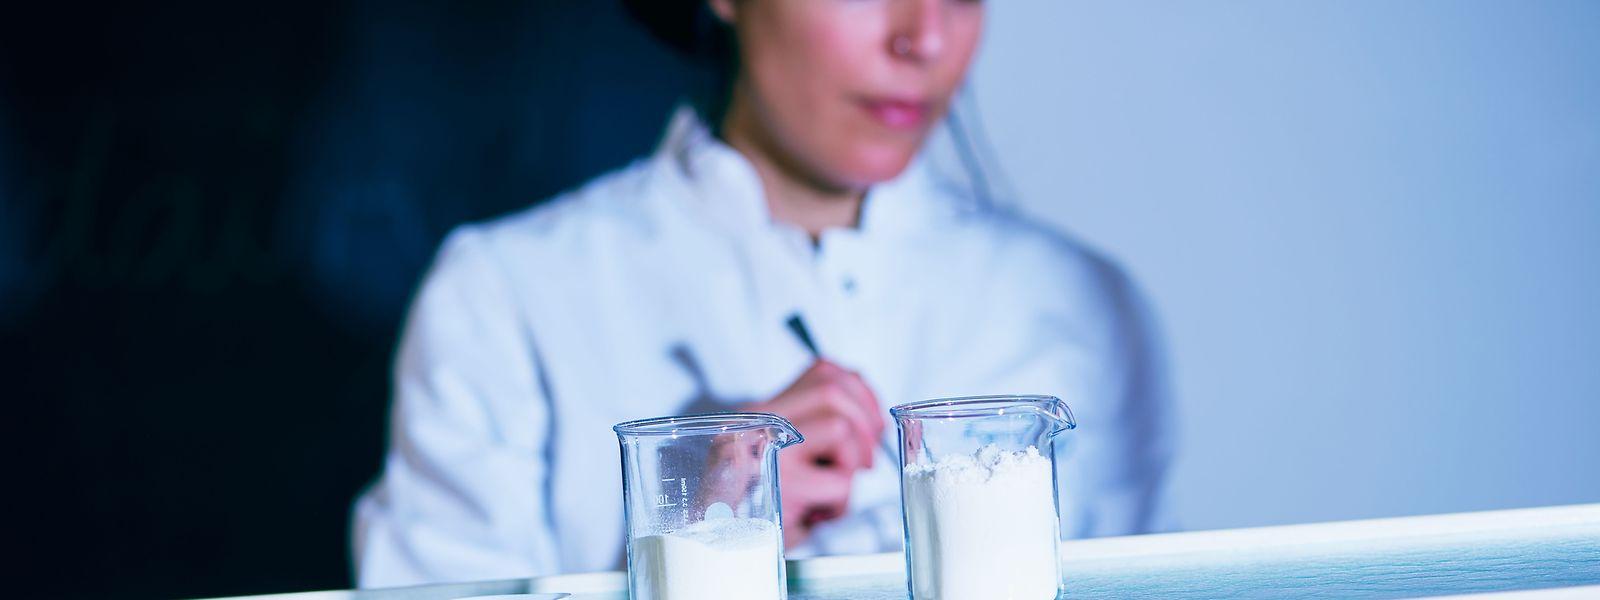 Das Start-up Formo will mit seiner Technologie den Massenmarkt für Käse erobern.